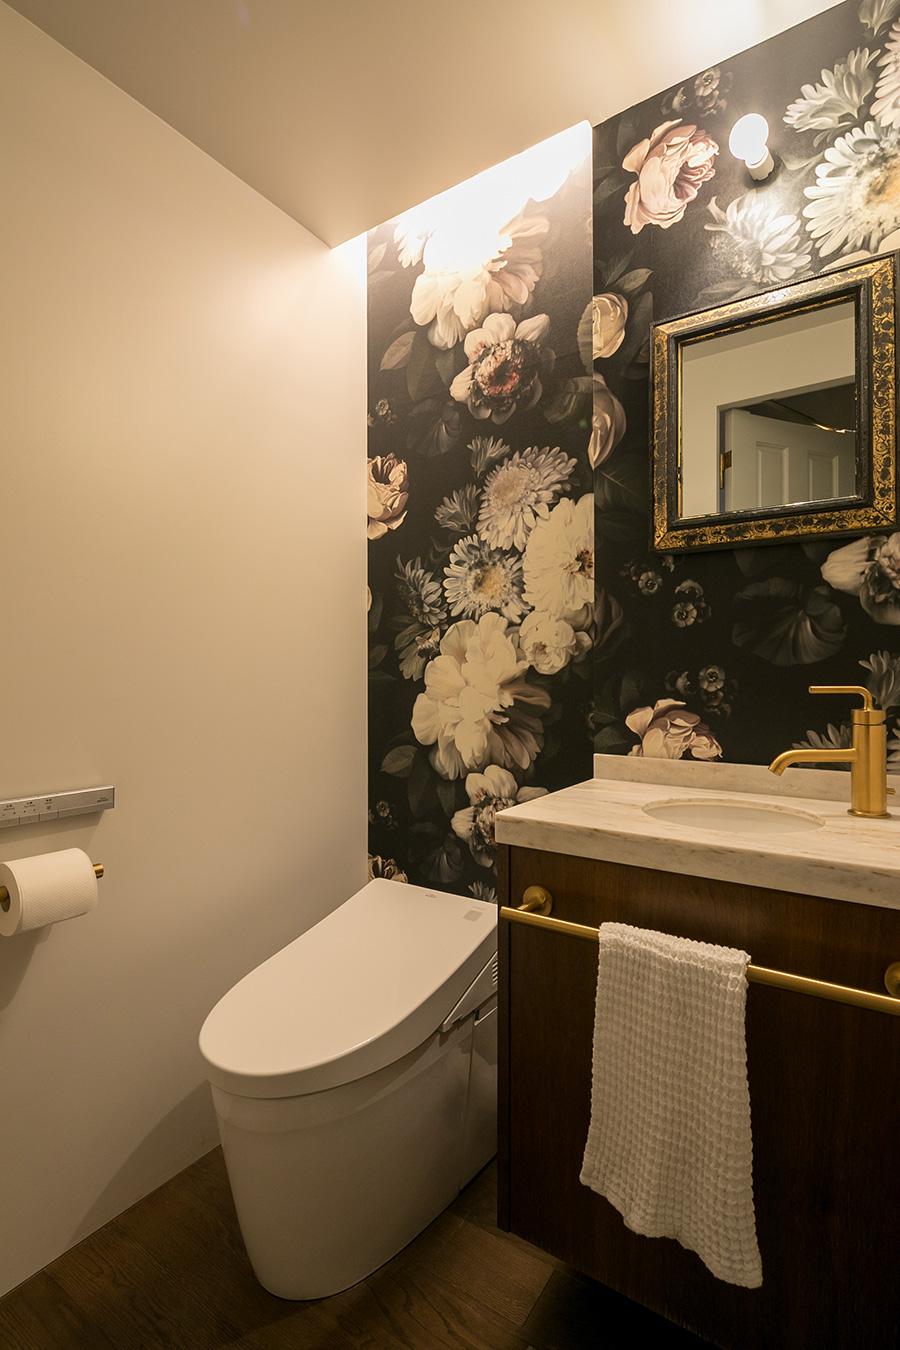 トイレは大胆な花柄の輸入壁紙を。「空間すべて花柄の予定だったのですが、落ち着かない気がしたので僕が白い壁も残してくださいとリクエストしました(笑)」。リノベーションコーディネートは『EcoDeco』